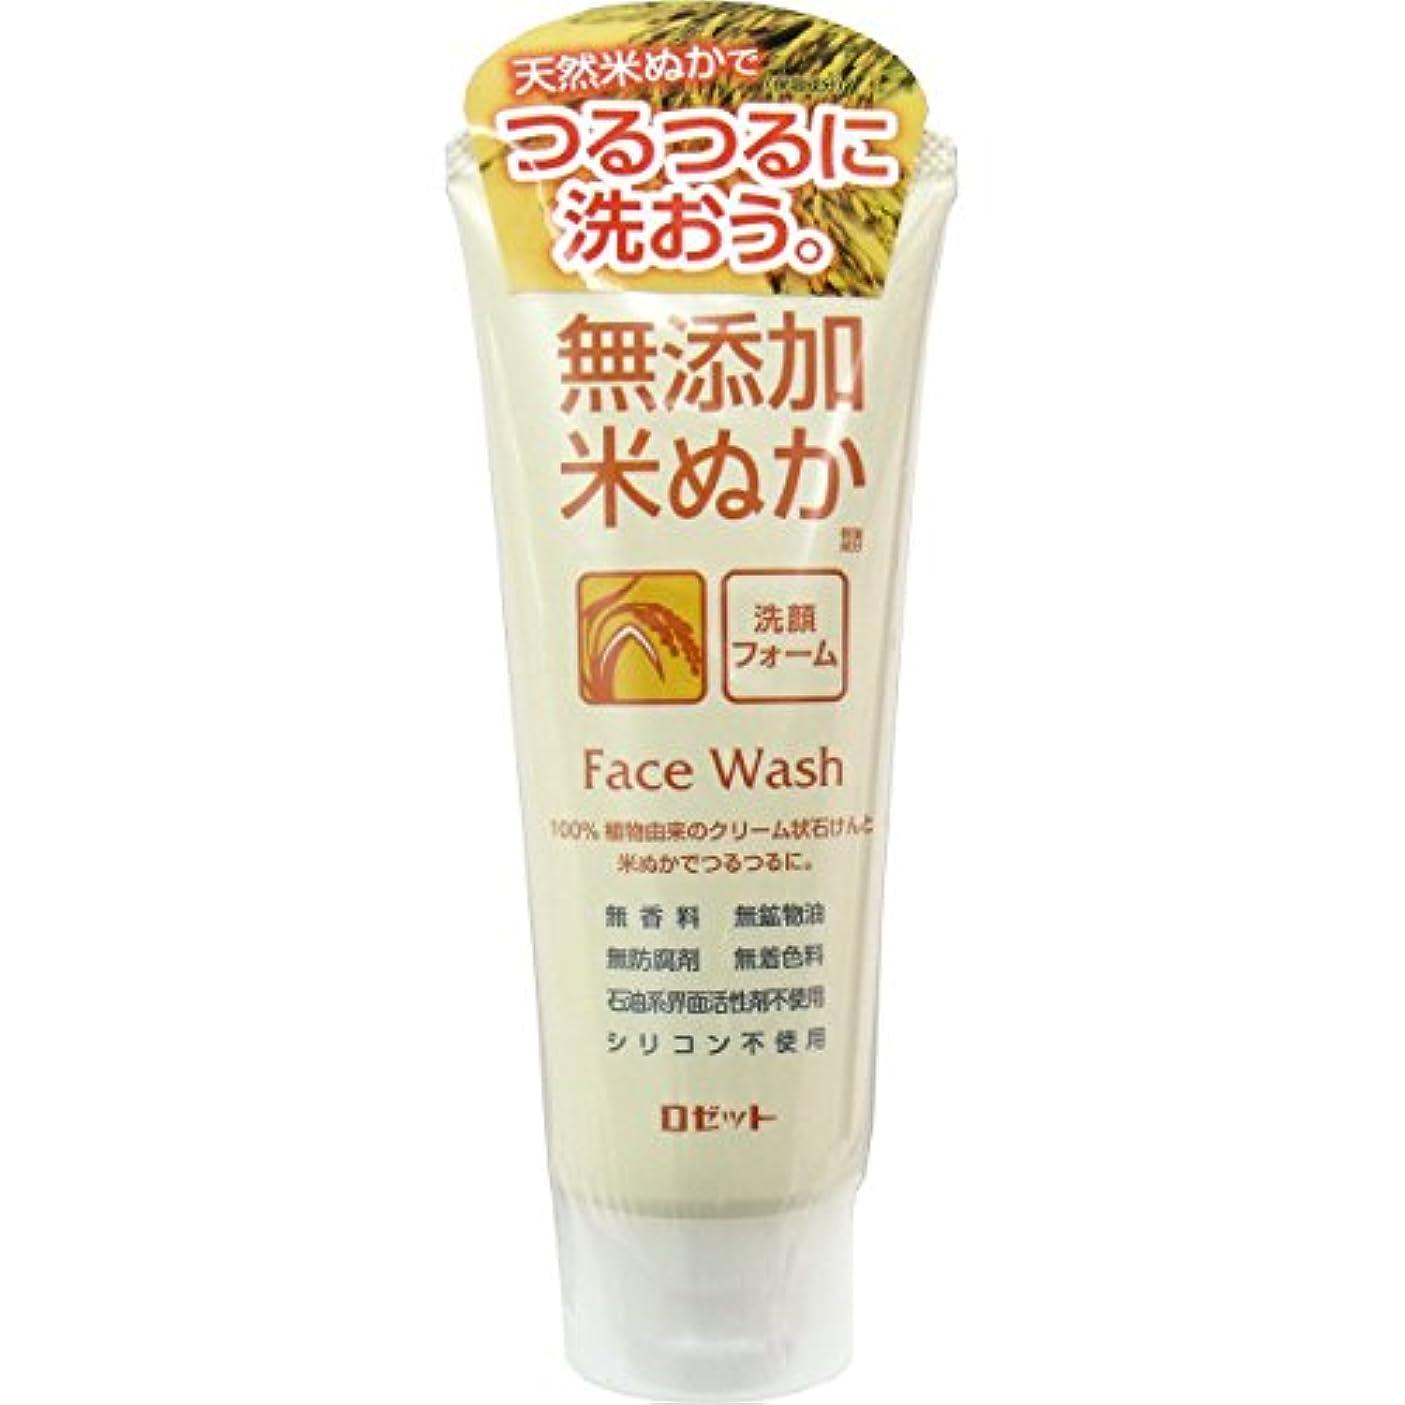 疑問を超えてうぬぼれた腐食する【ロゼット】無添加米ぬか洗顔フォーム 140g ×20個セット